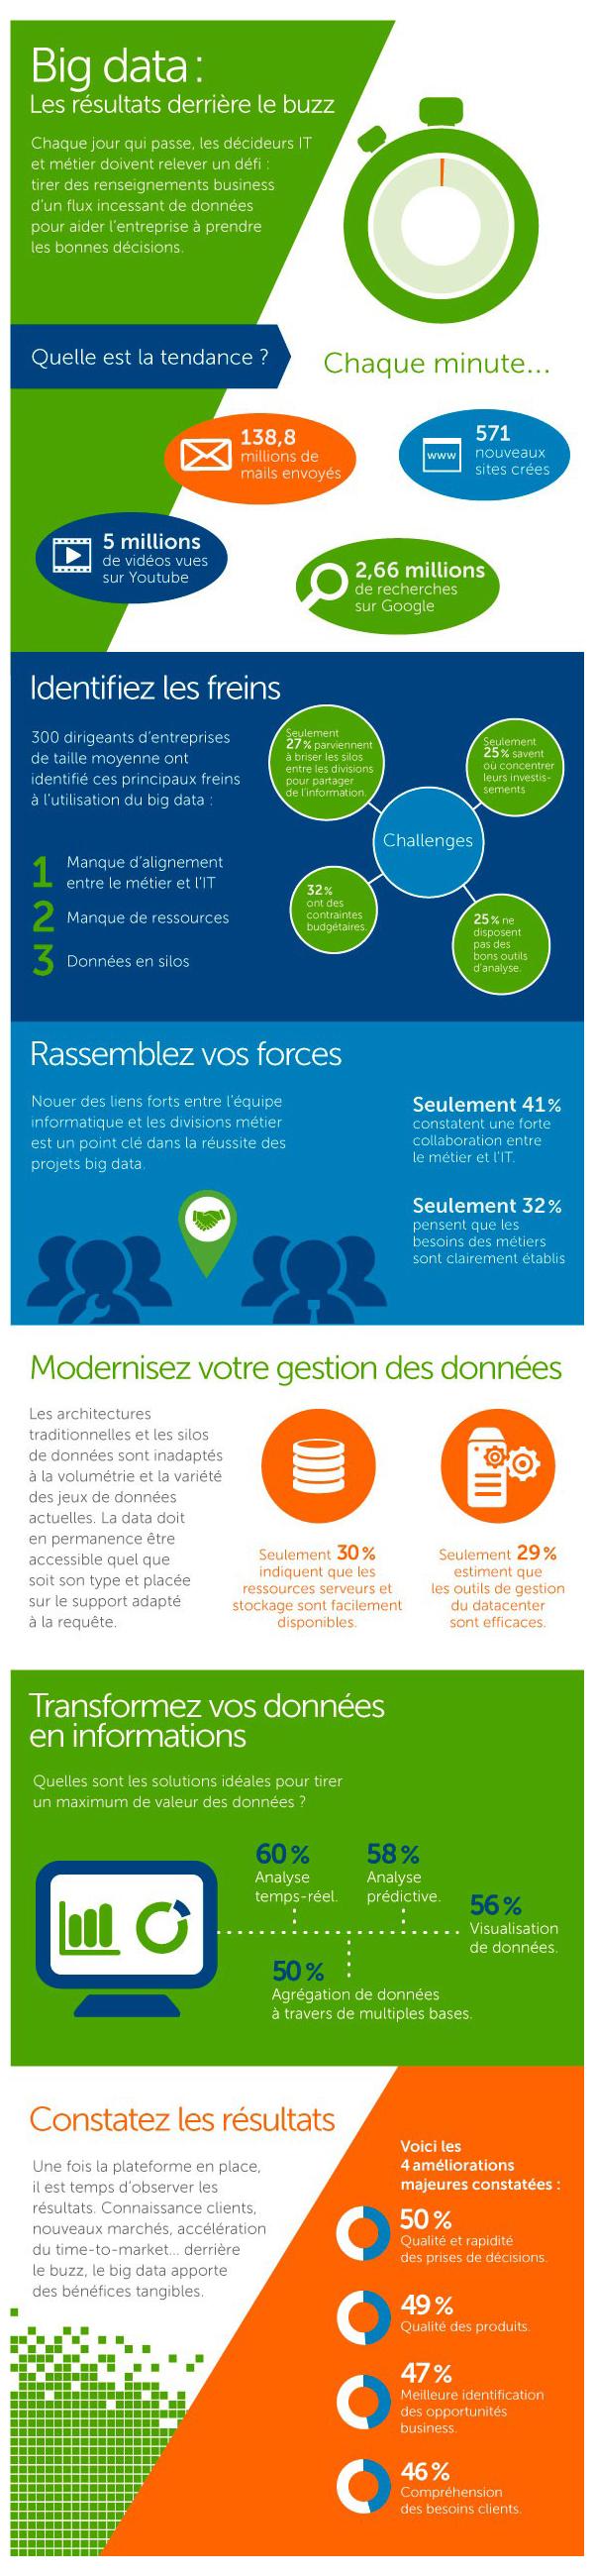 Infographie_bigdata-derriere-le-buz